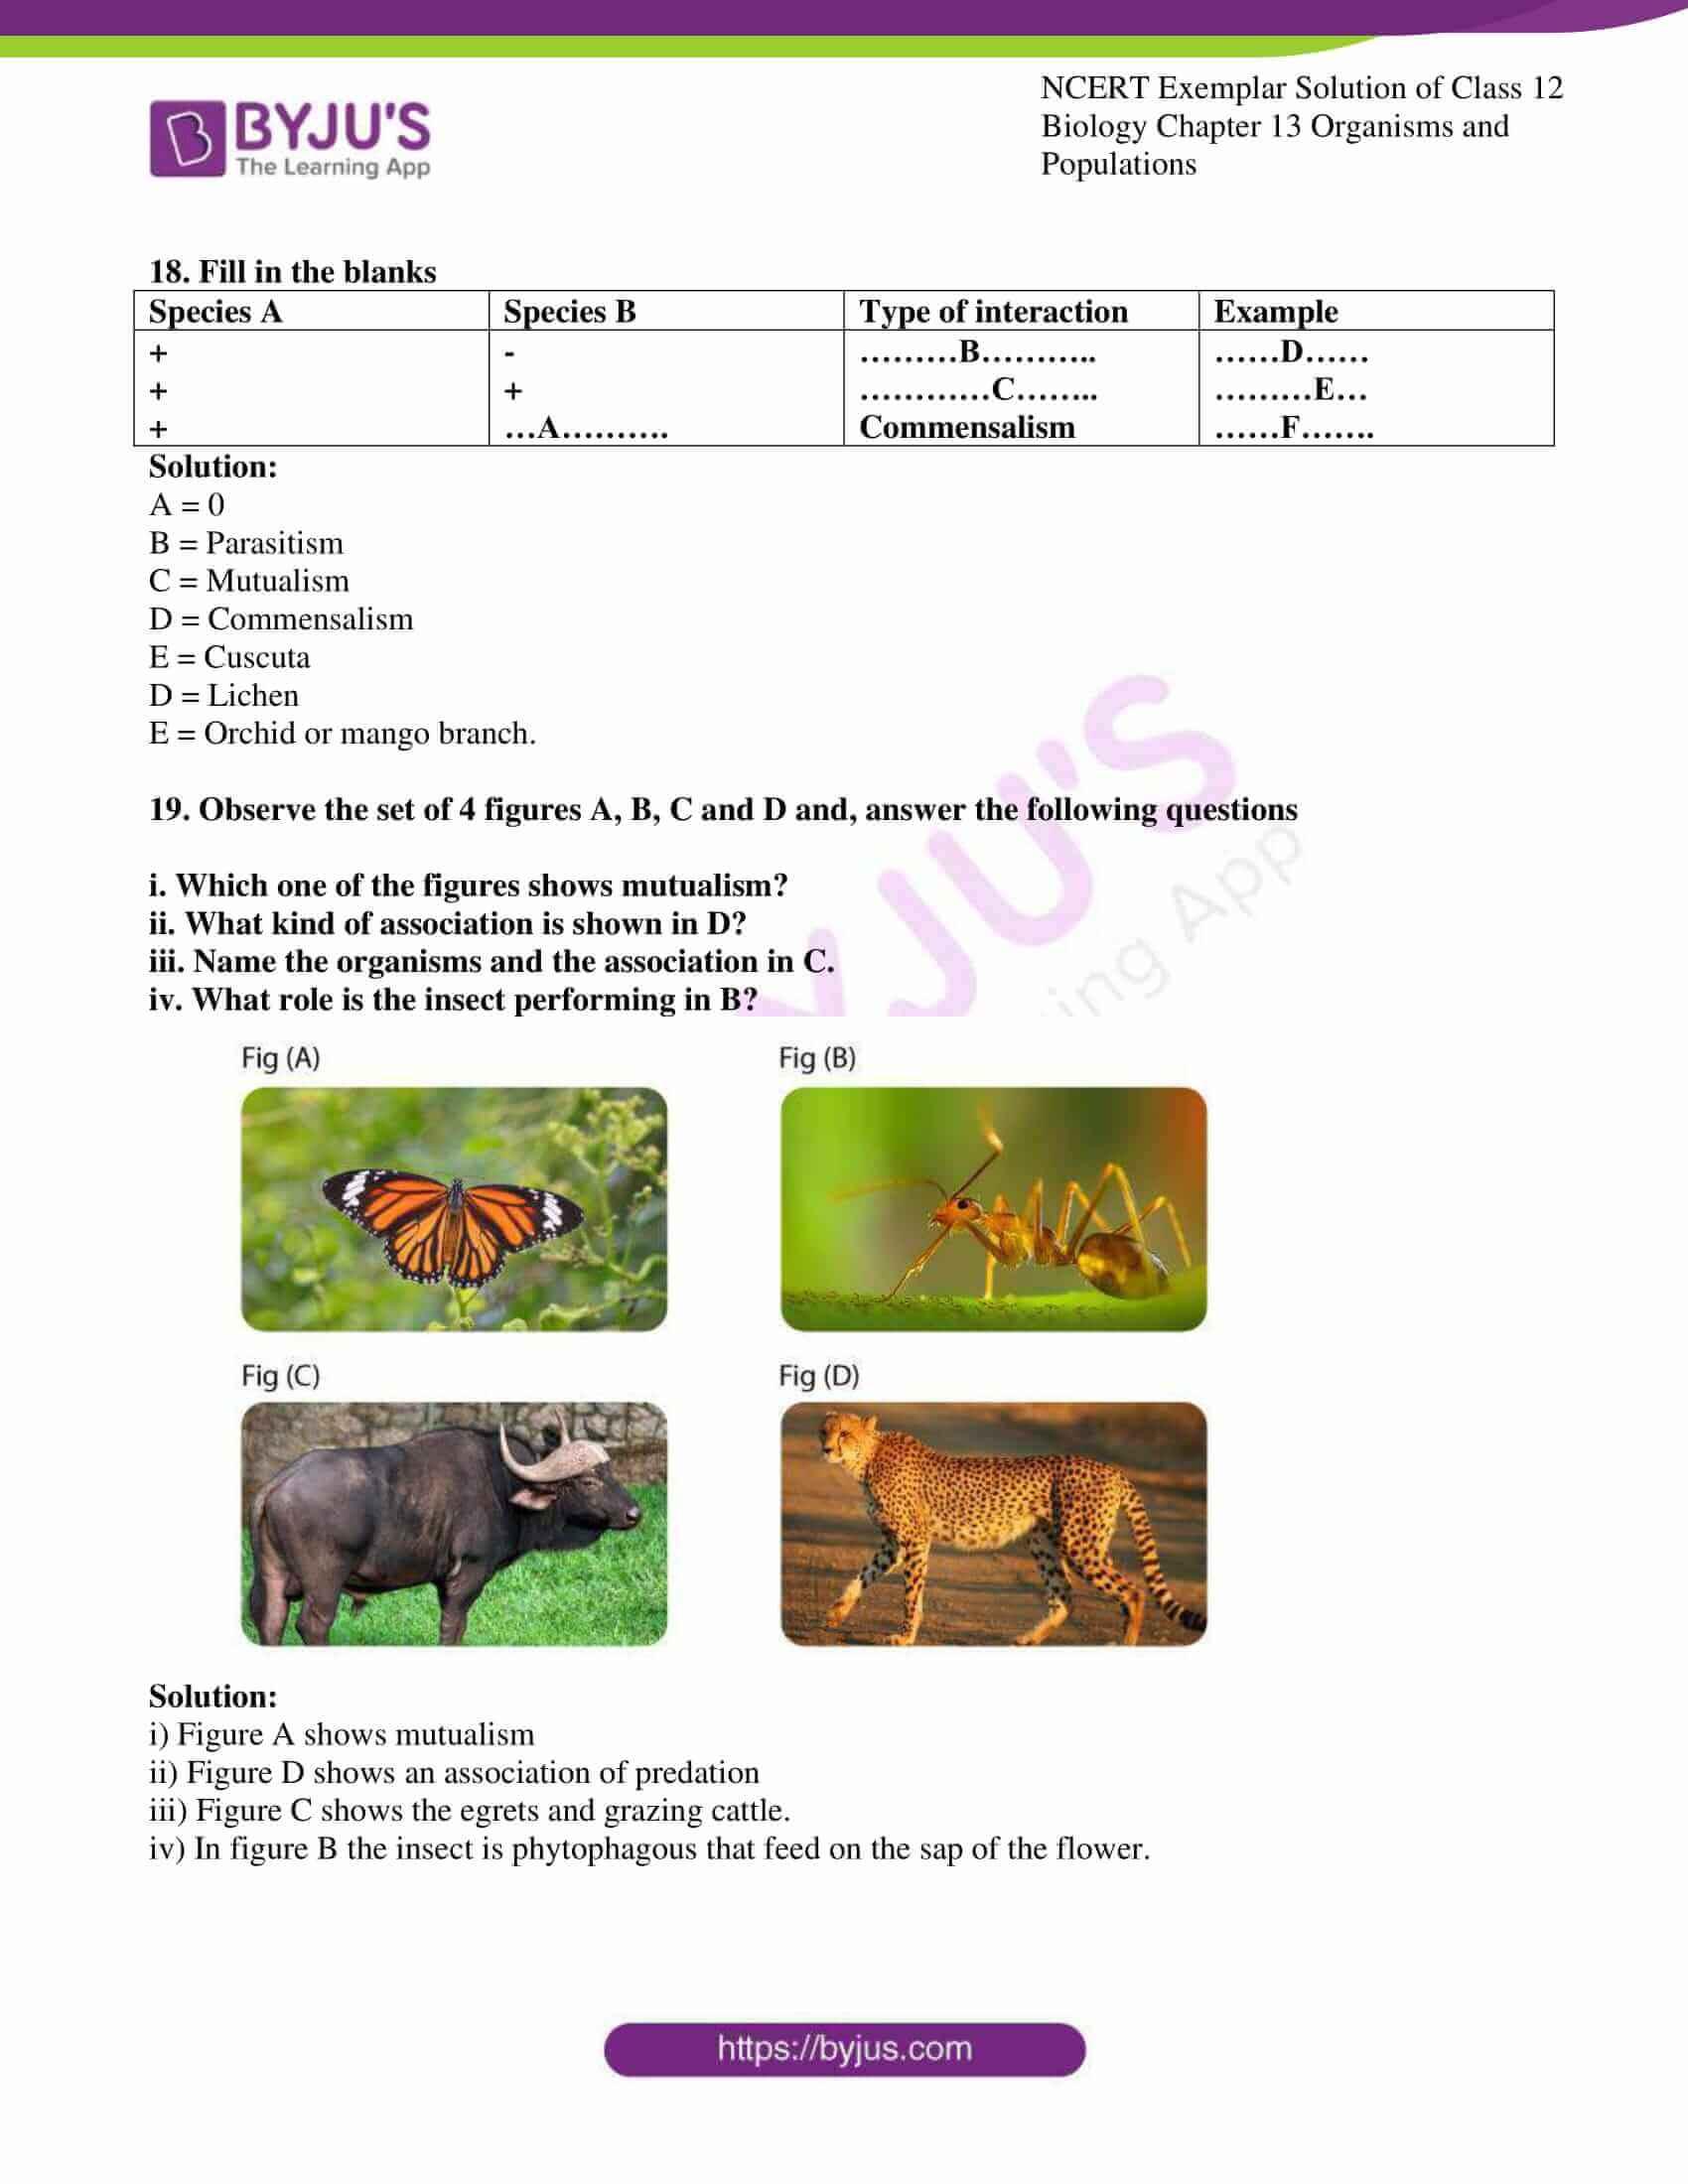 ncert exemplar solution of class 12 biology chapter 13 11